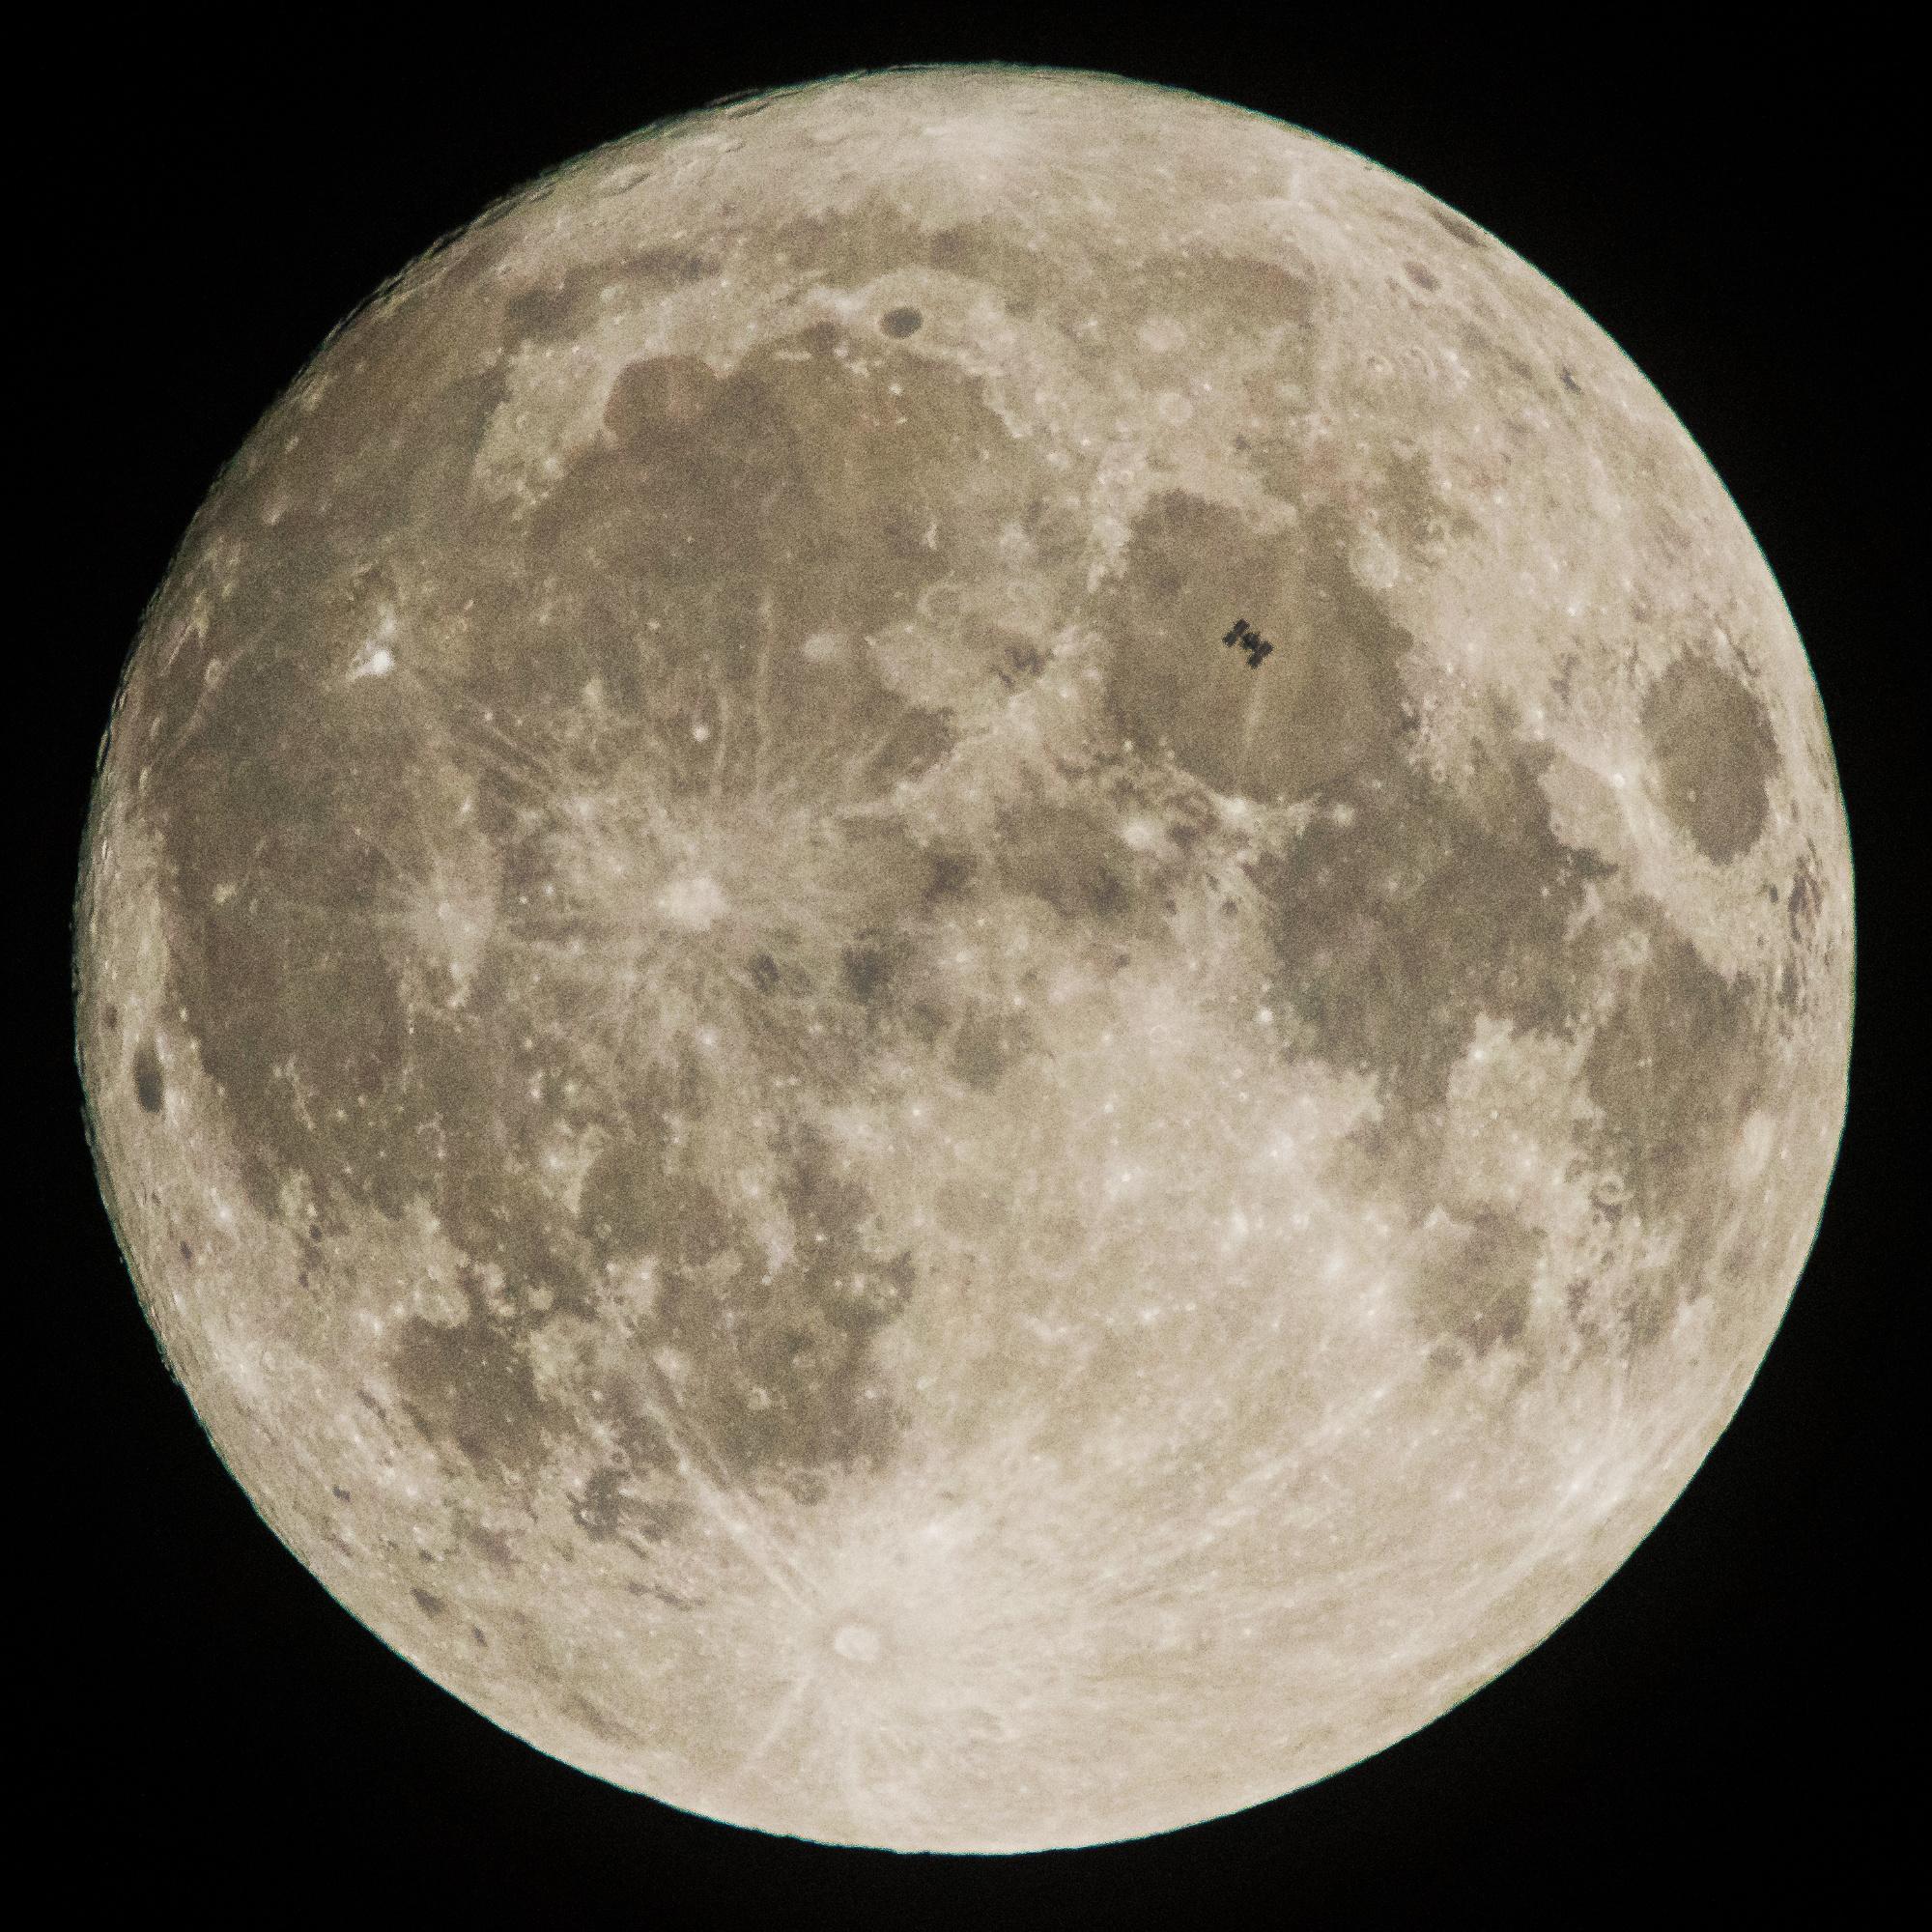 Calendario lunar 2018: 13 lunas llenas, 2 lunas azules, mes sin luna llena… (videos)